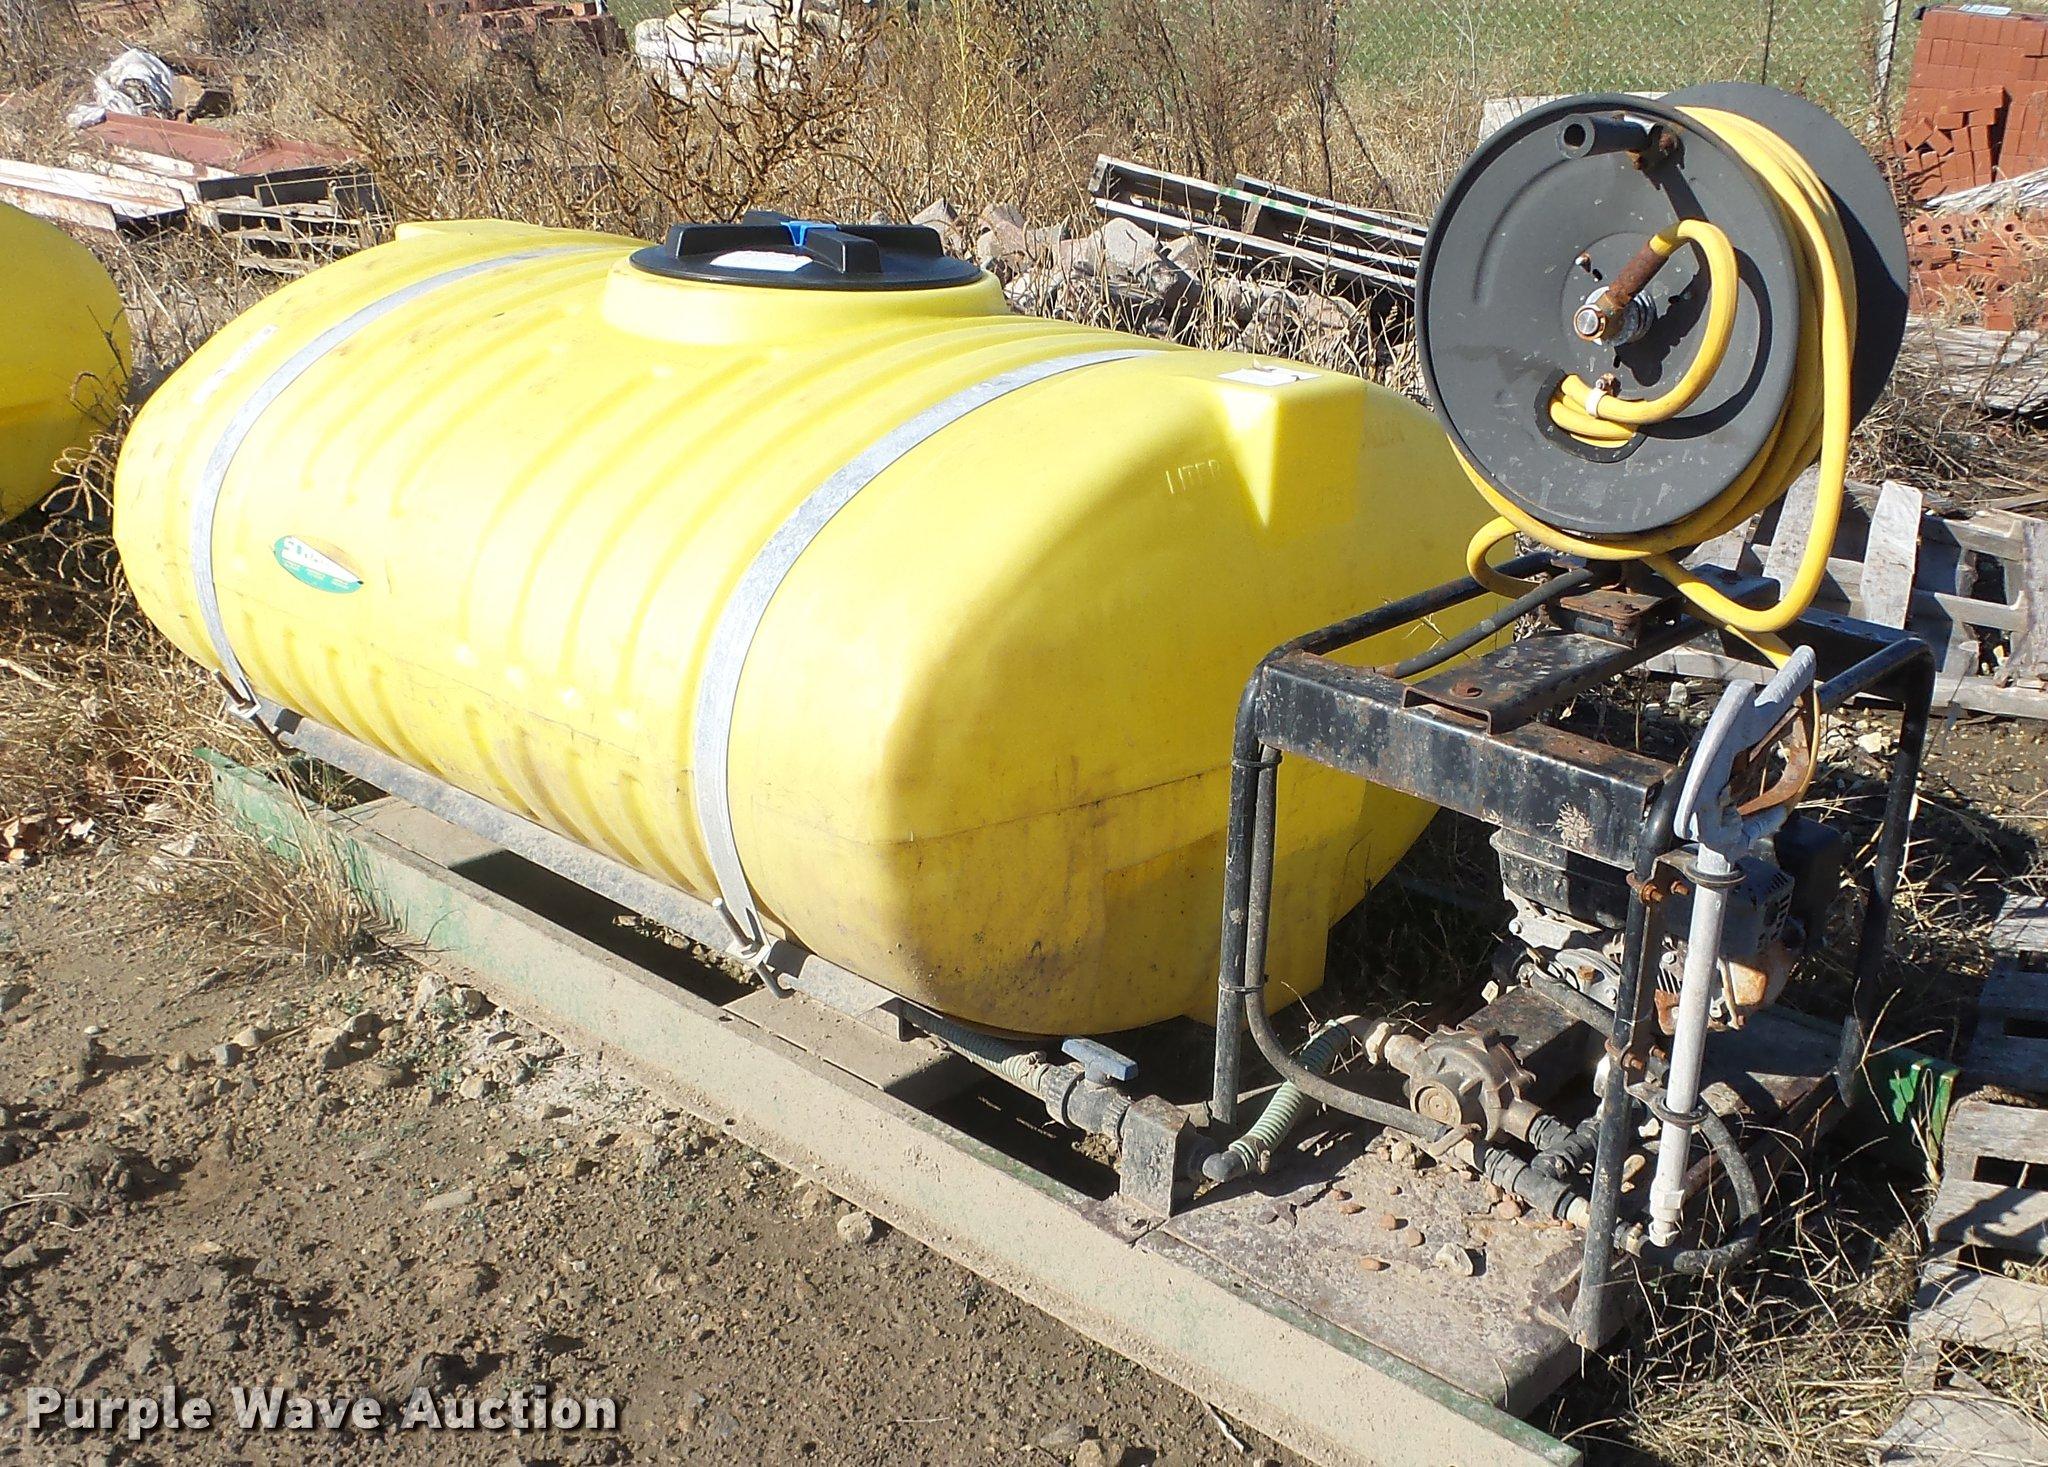 Schaben spray tank | Item AM9012 | SOLD! December 12 Vehicle